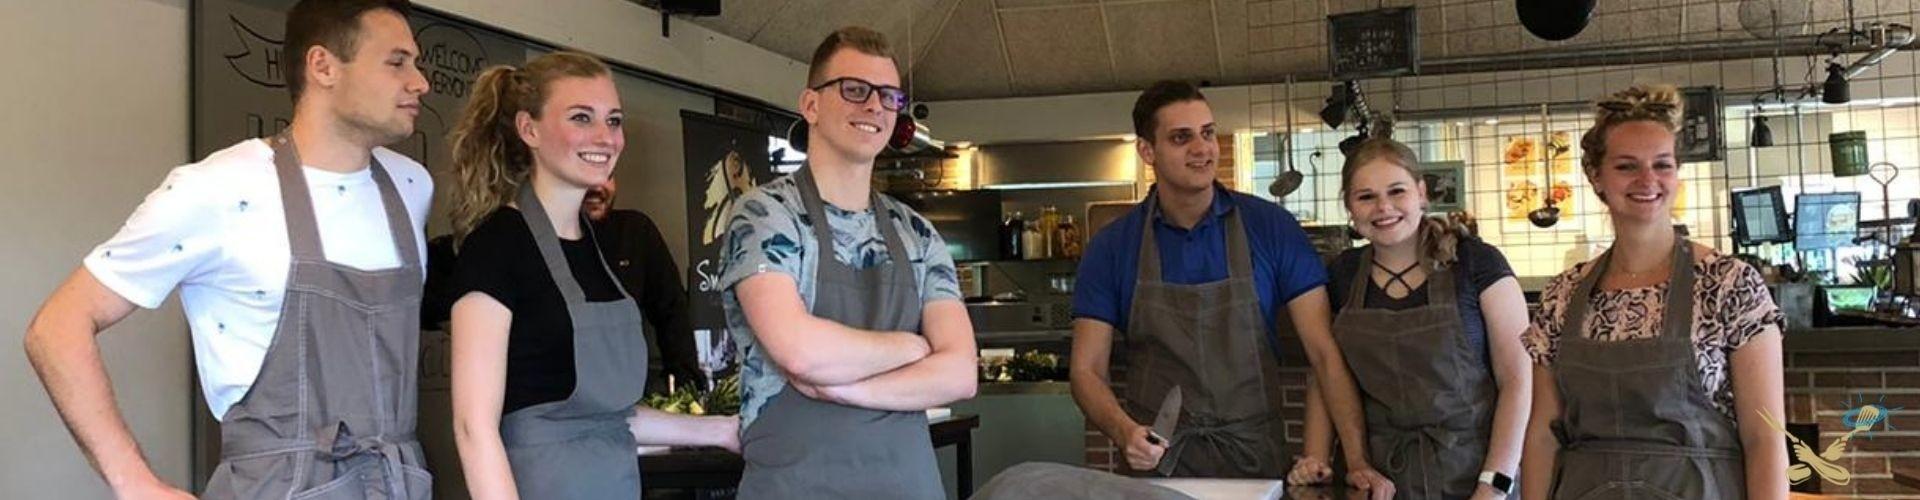 Fun Cooking Kookworkshop Kookles Koken met Engelen